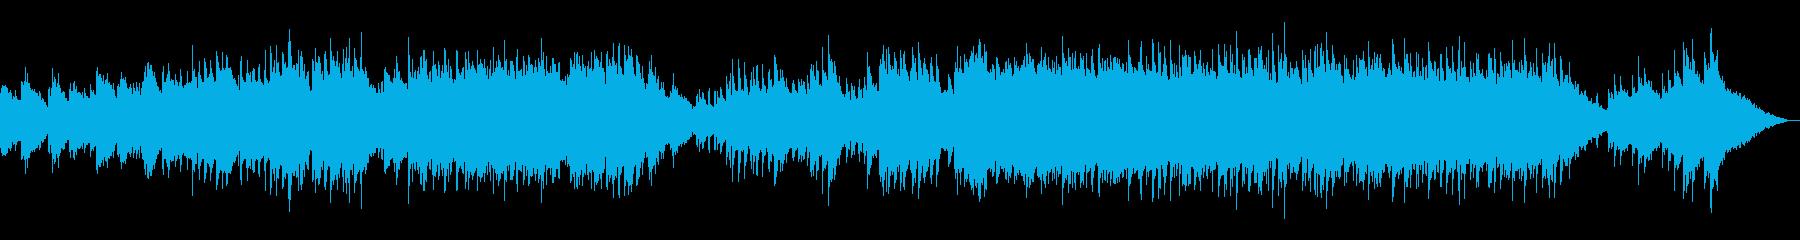 激情・憤怒・ドラマ 重厚なピアノソロの再生済みの波形